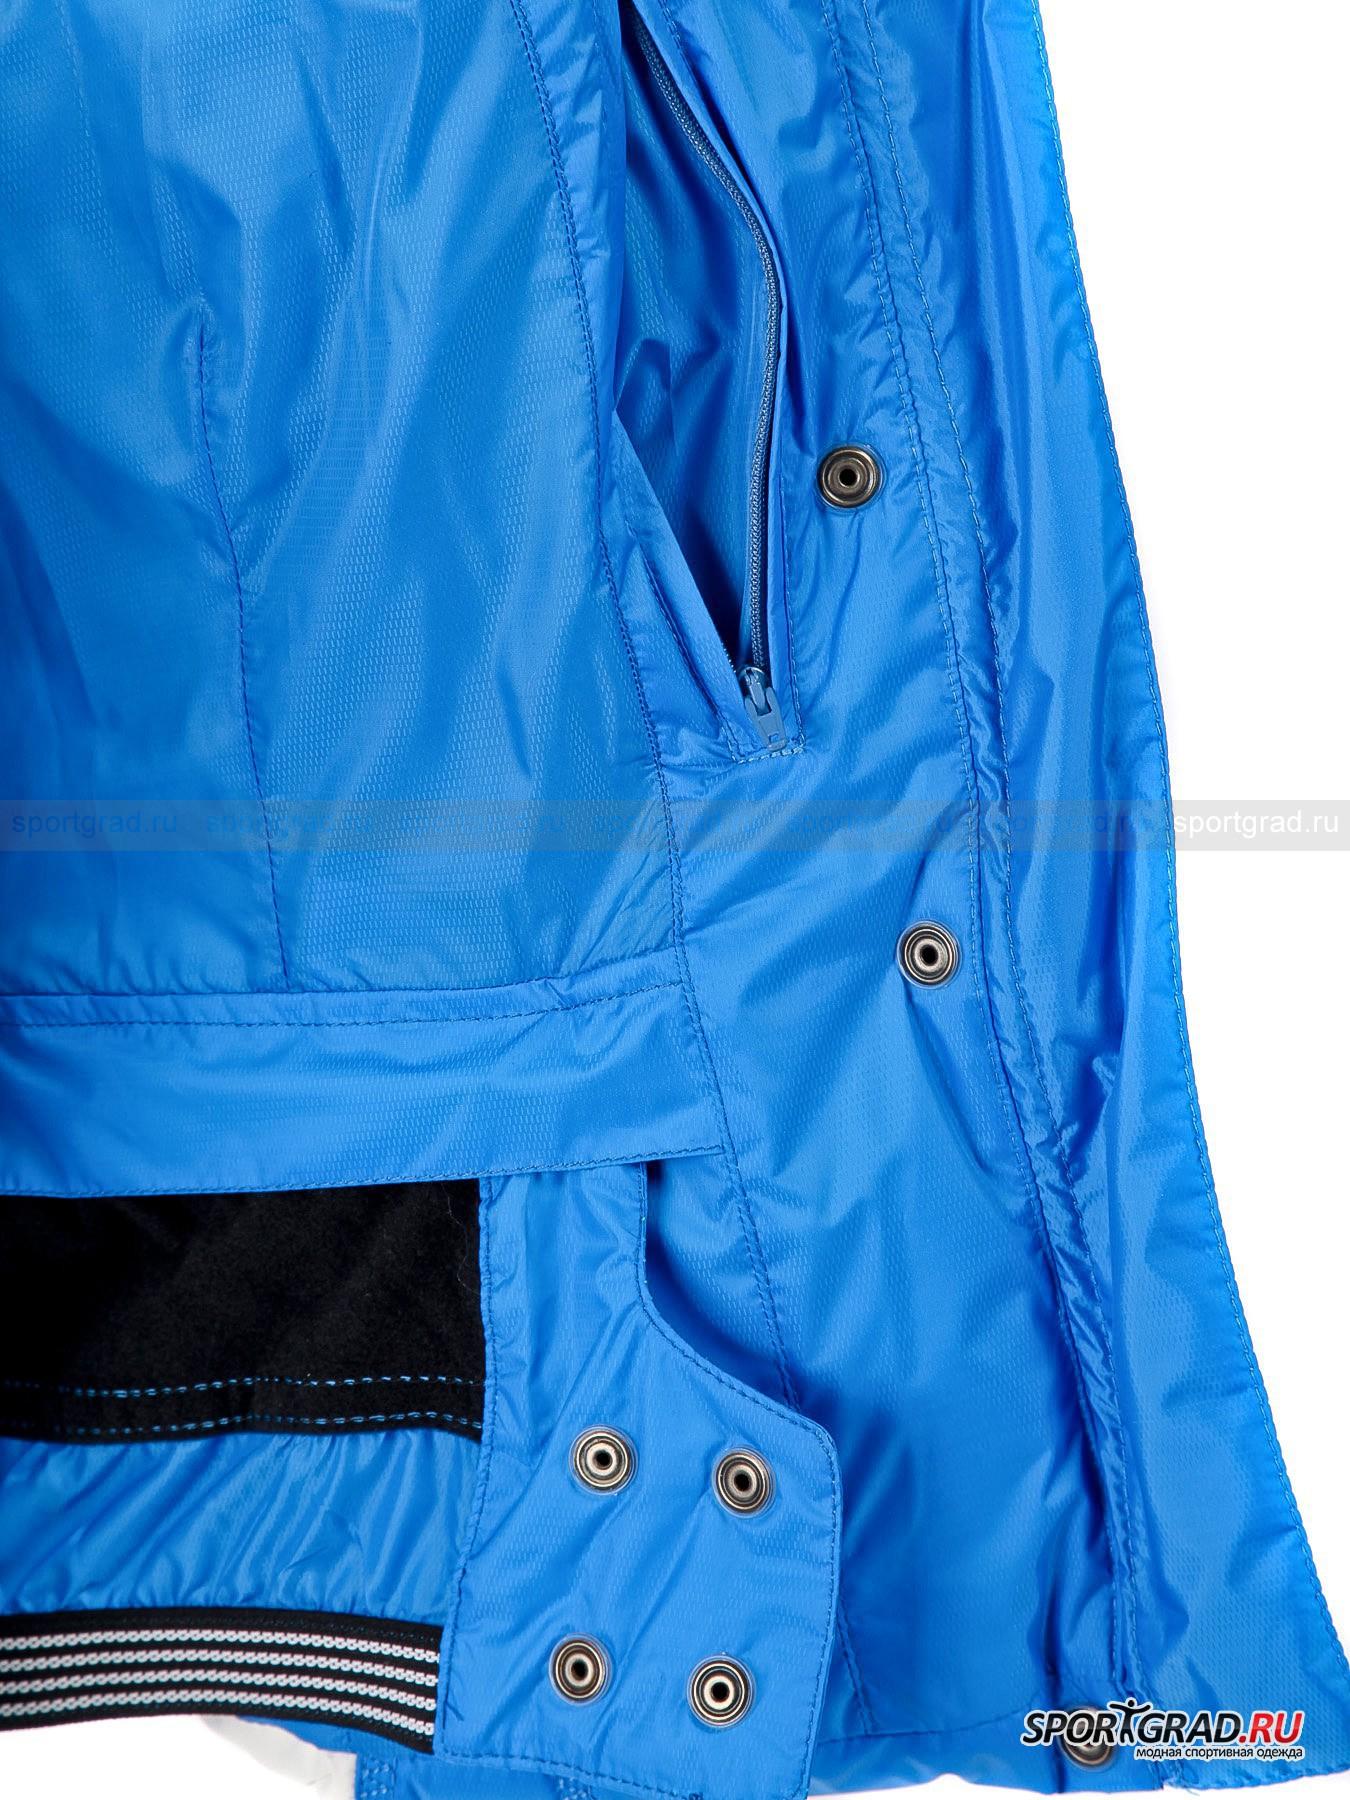 Куртка женская Arosa_NS NO ESCAPE от Спортград